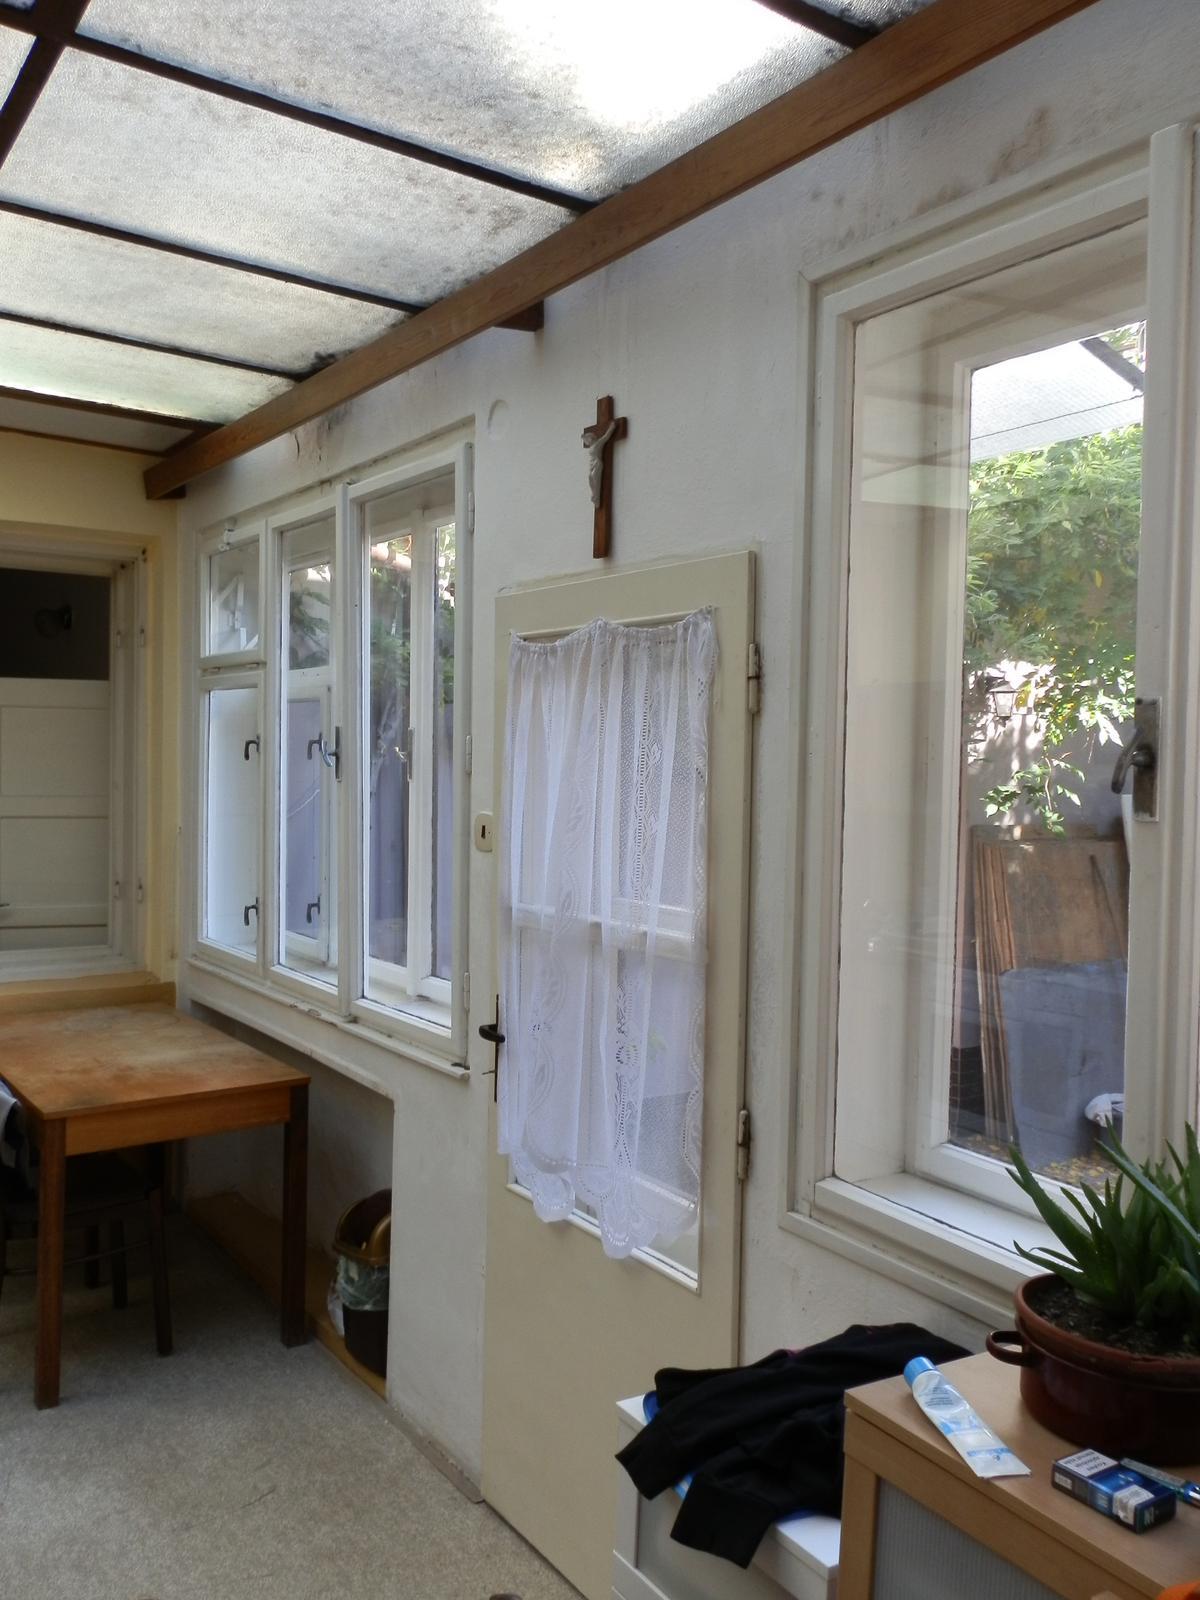 Náš byt v domě- rekonstrukce - původní kuchyně se skleněným stropem